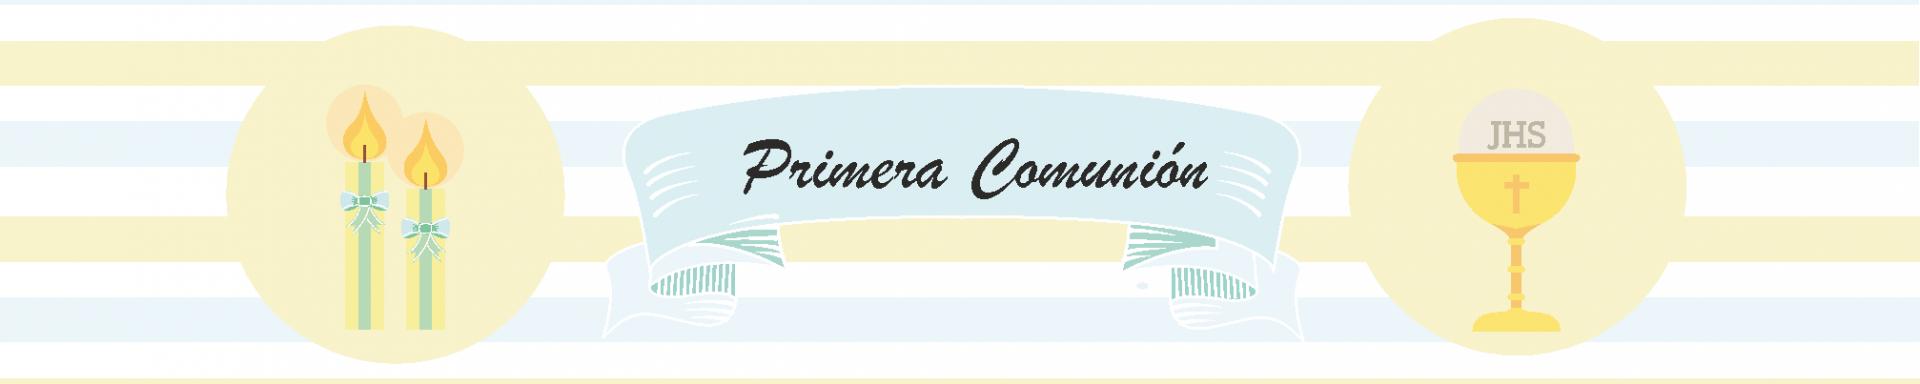 Photocall Primera Comunión